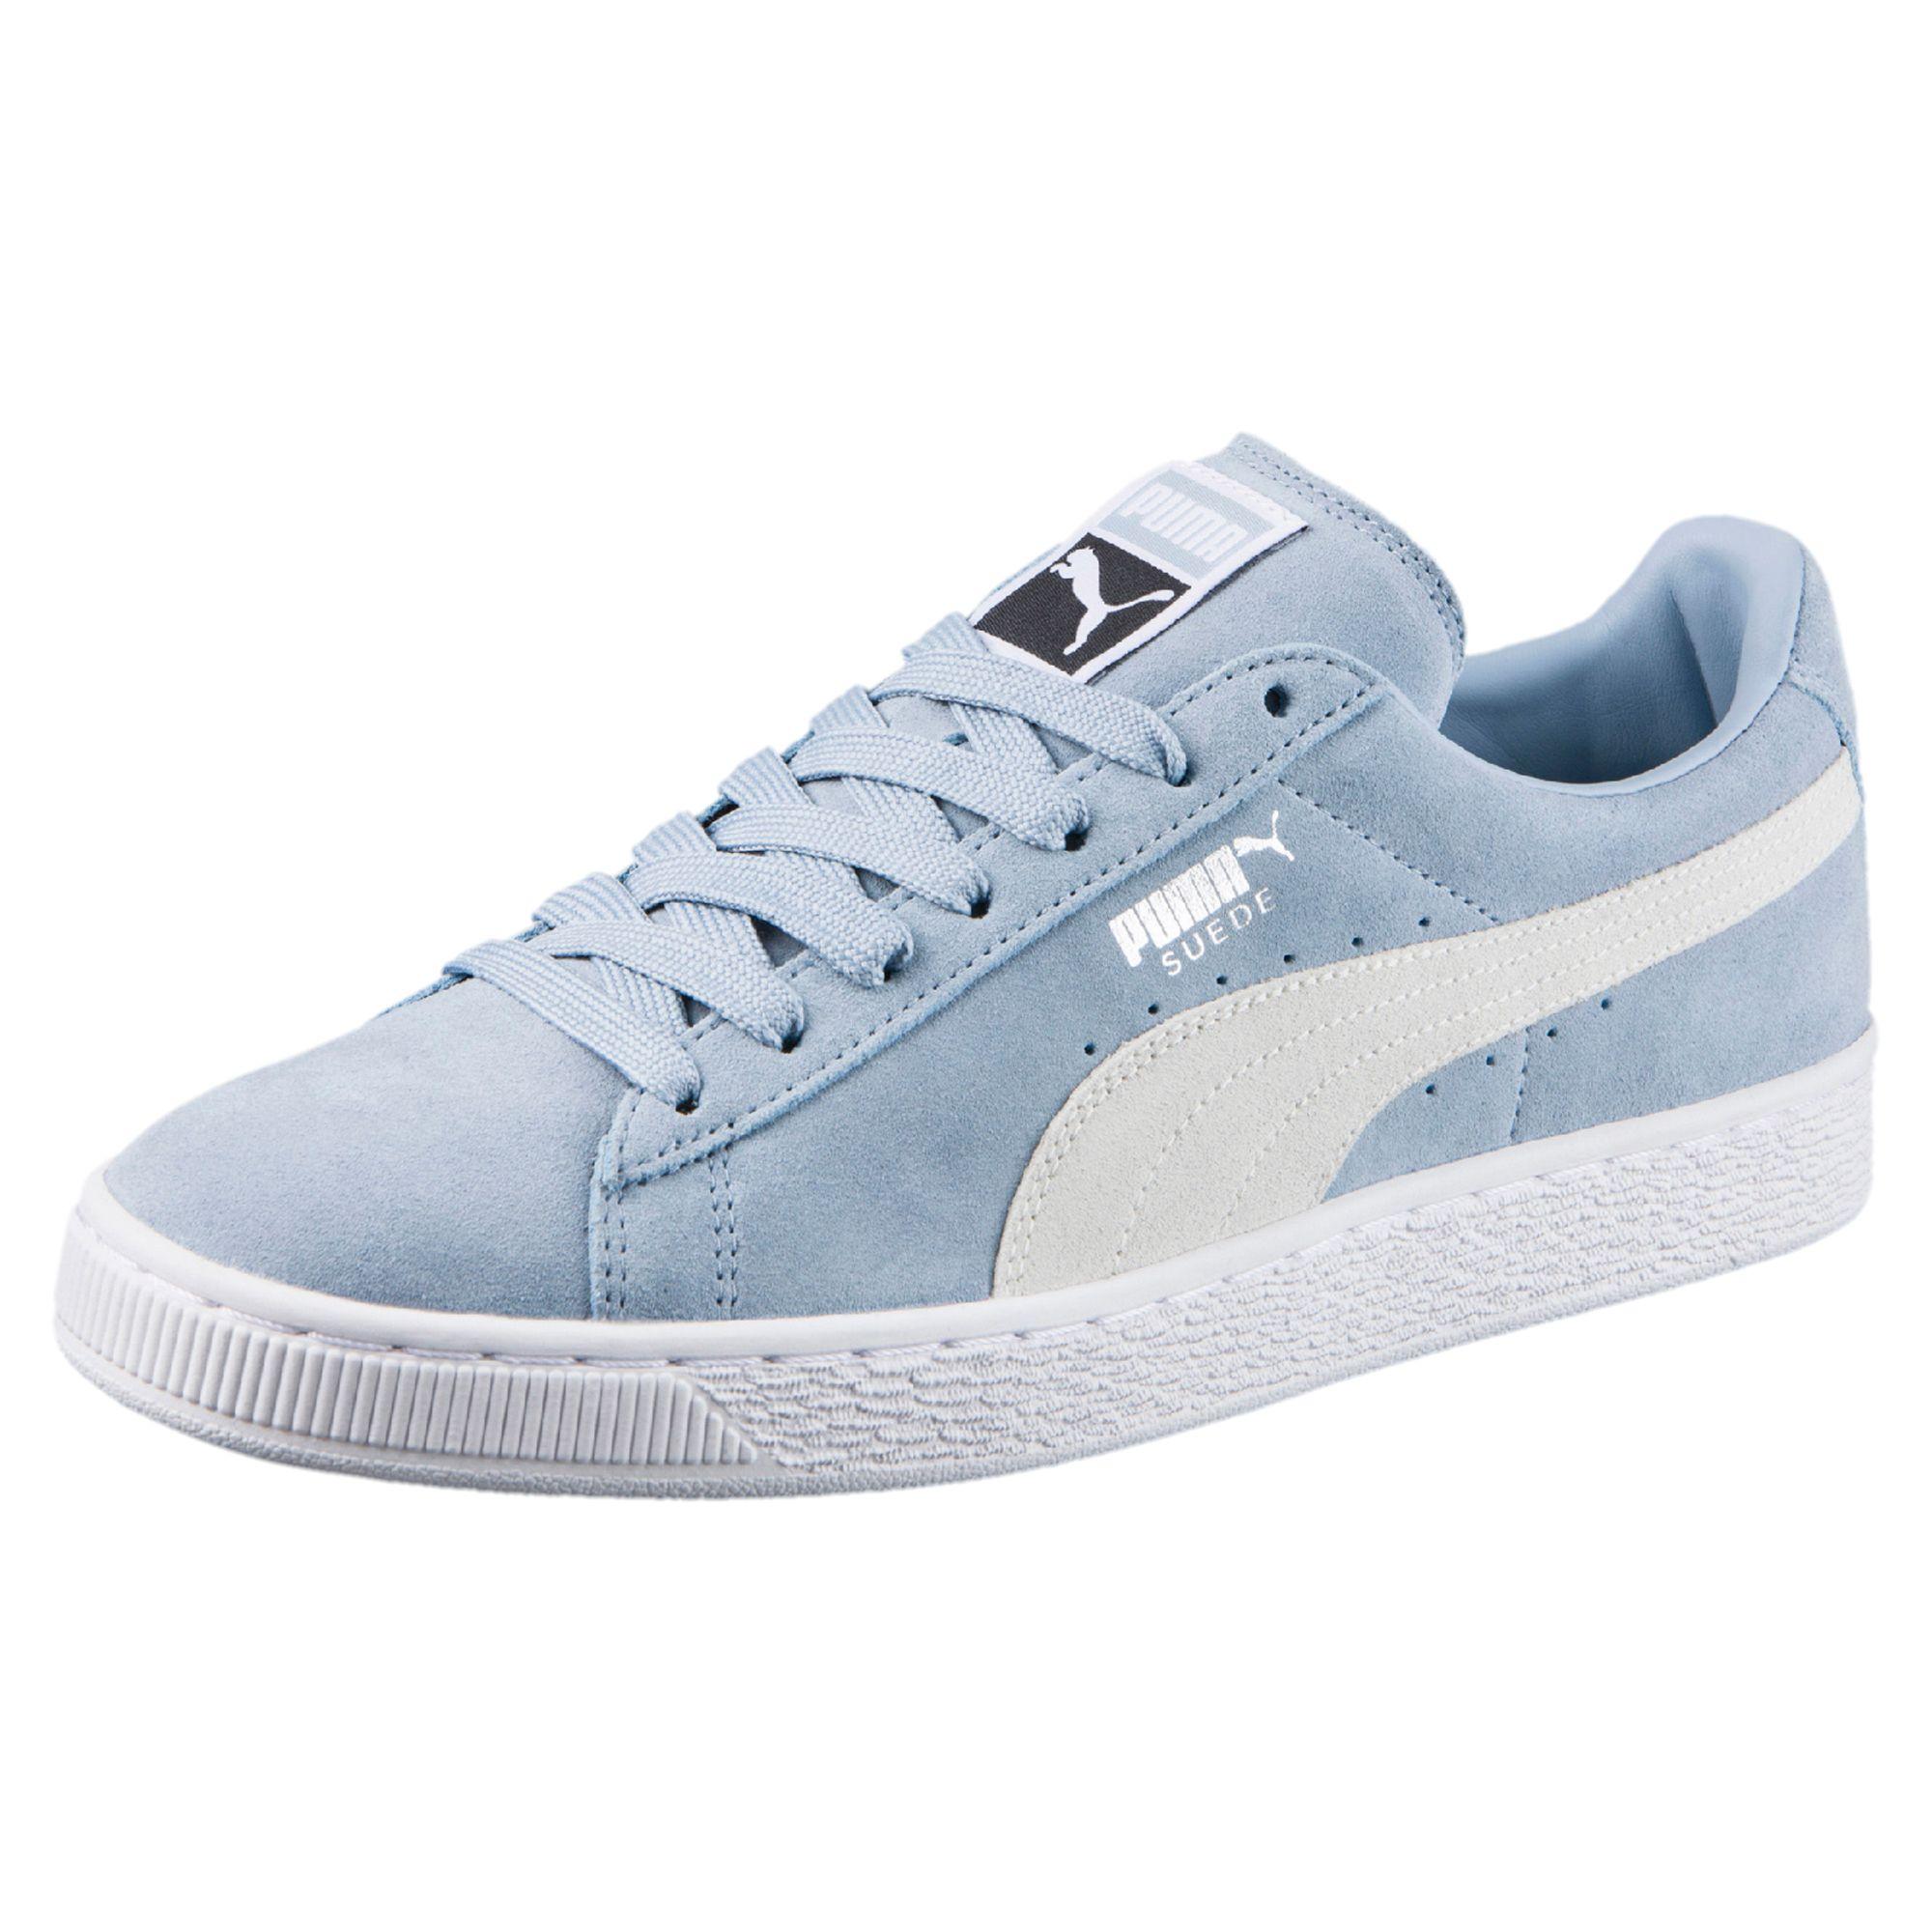 PUMA Suede Classic Sneaker Sport Classics Schuhe M nner Neu